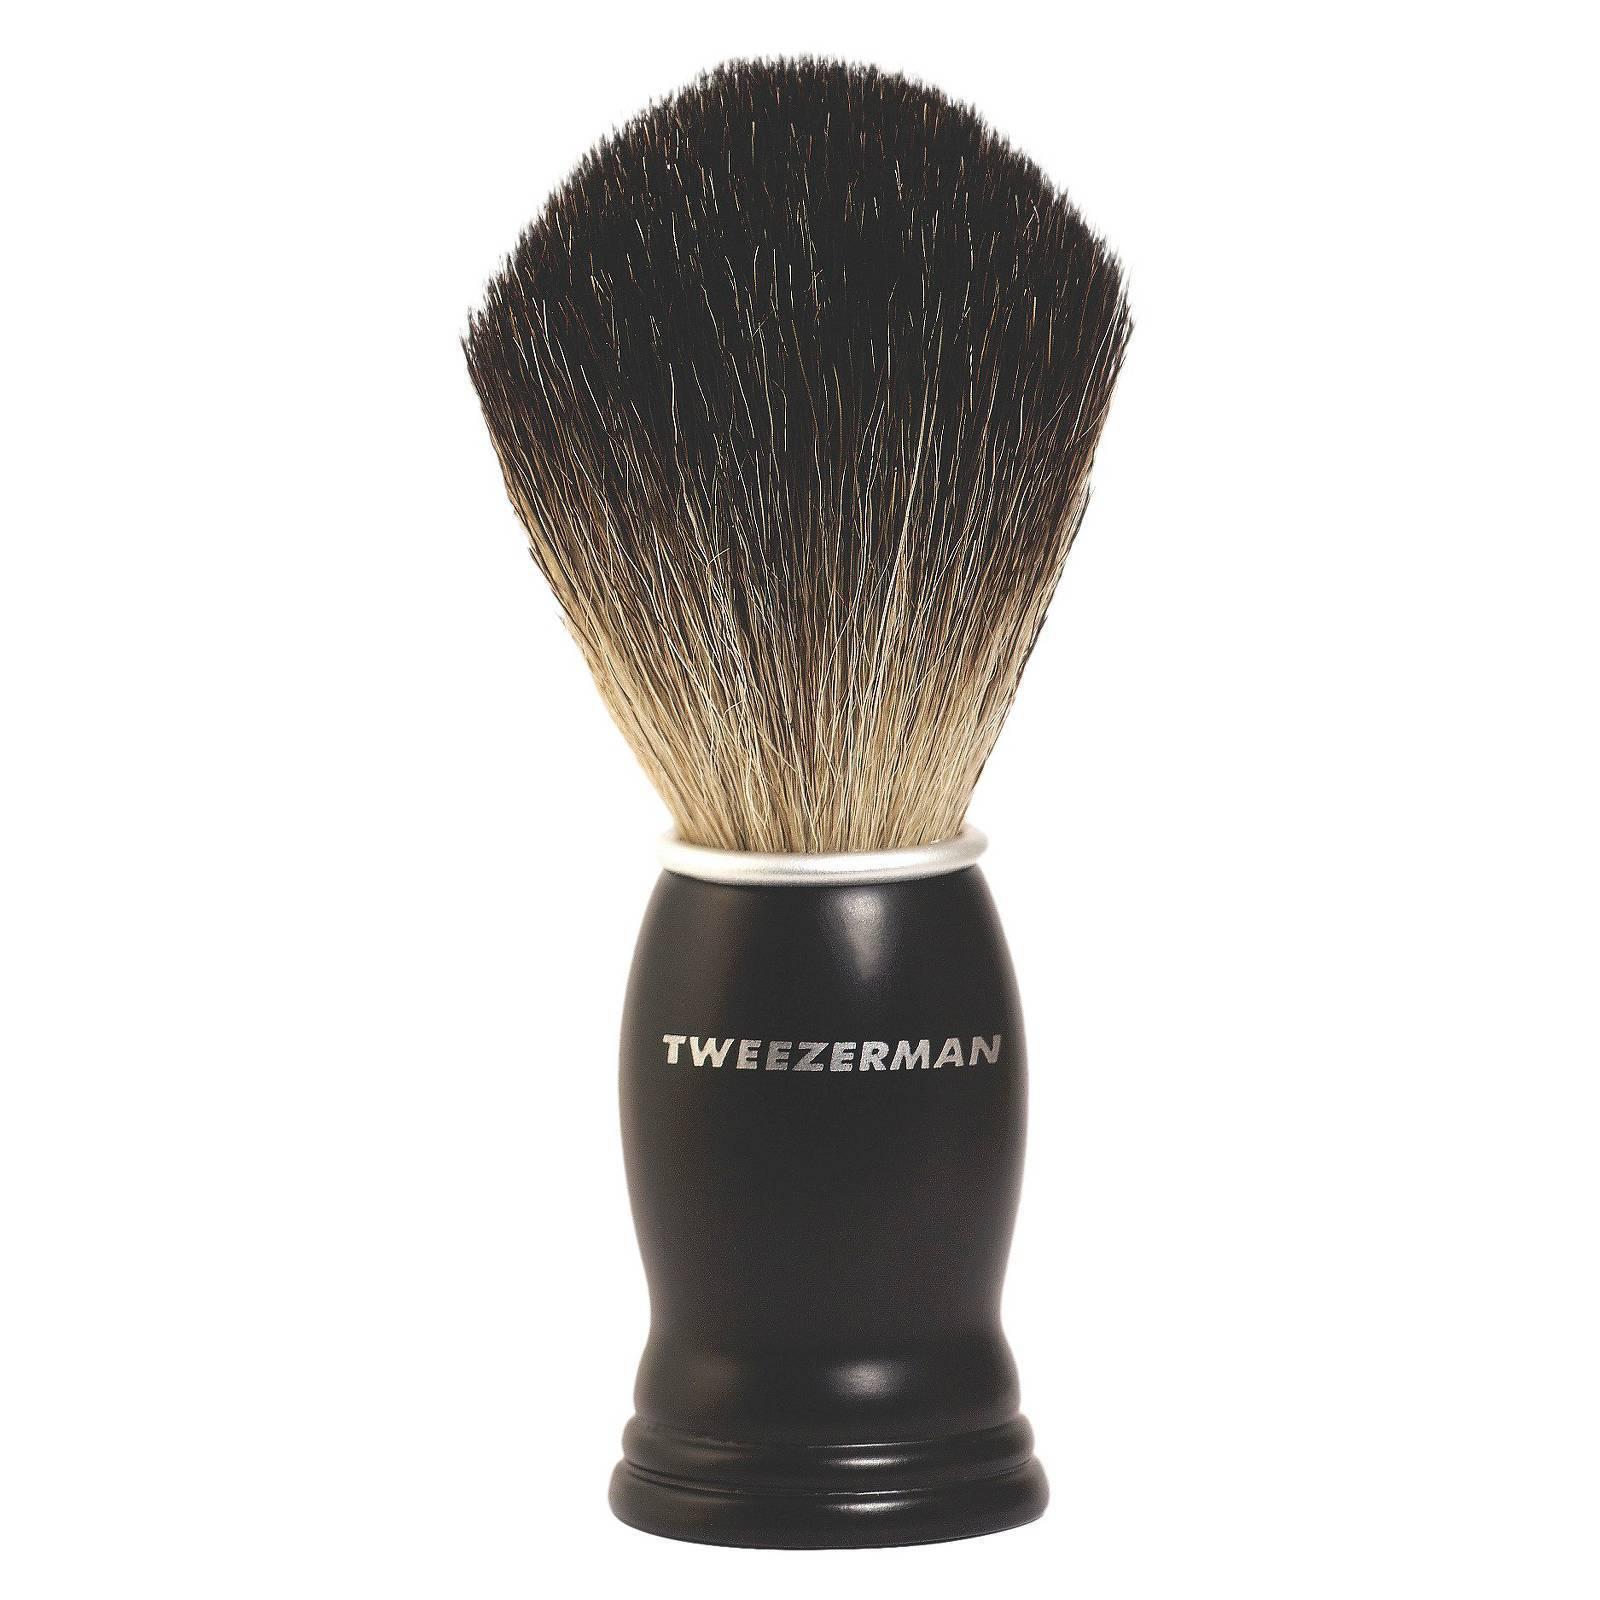 Blaireau Tweezerman Deluxe $_32